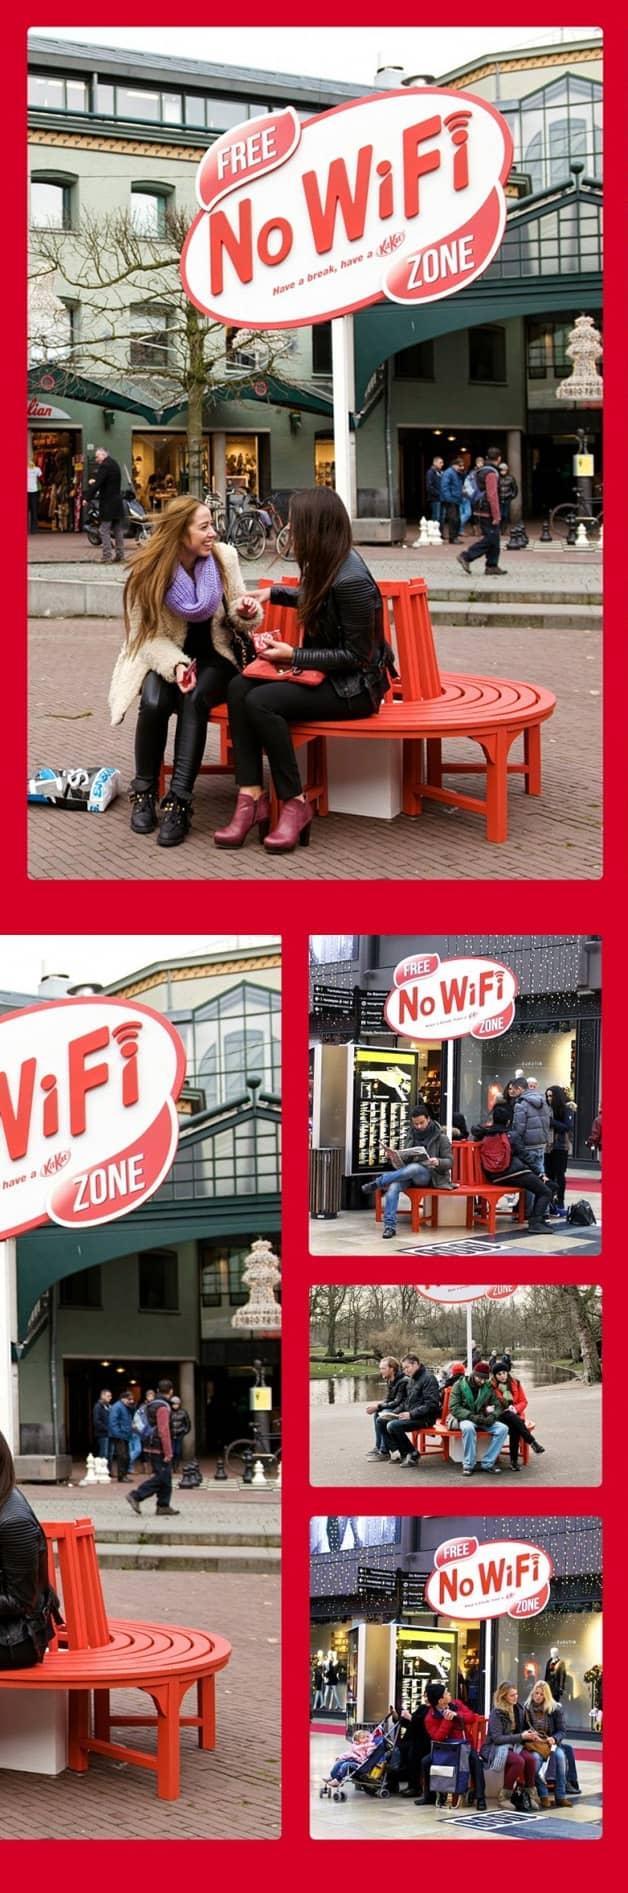 Kit Kat faz ação por uma vida menos on-line e mais off-line 2